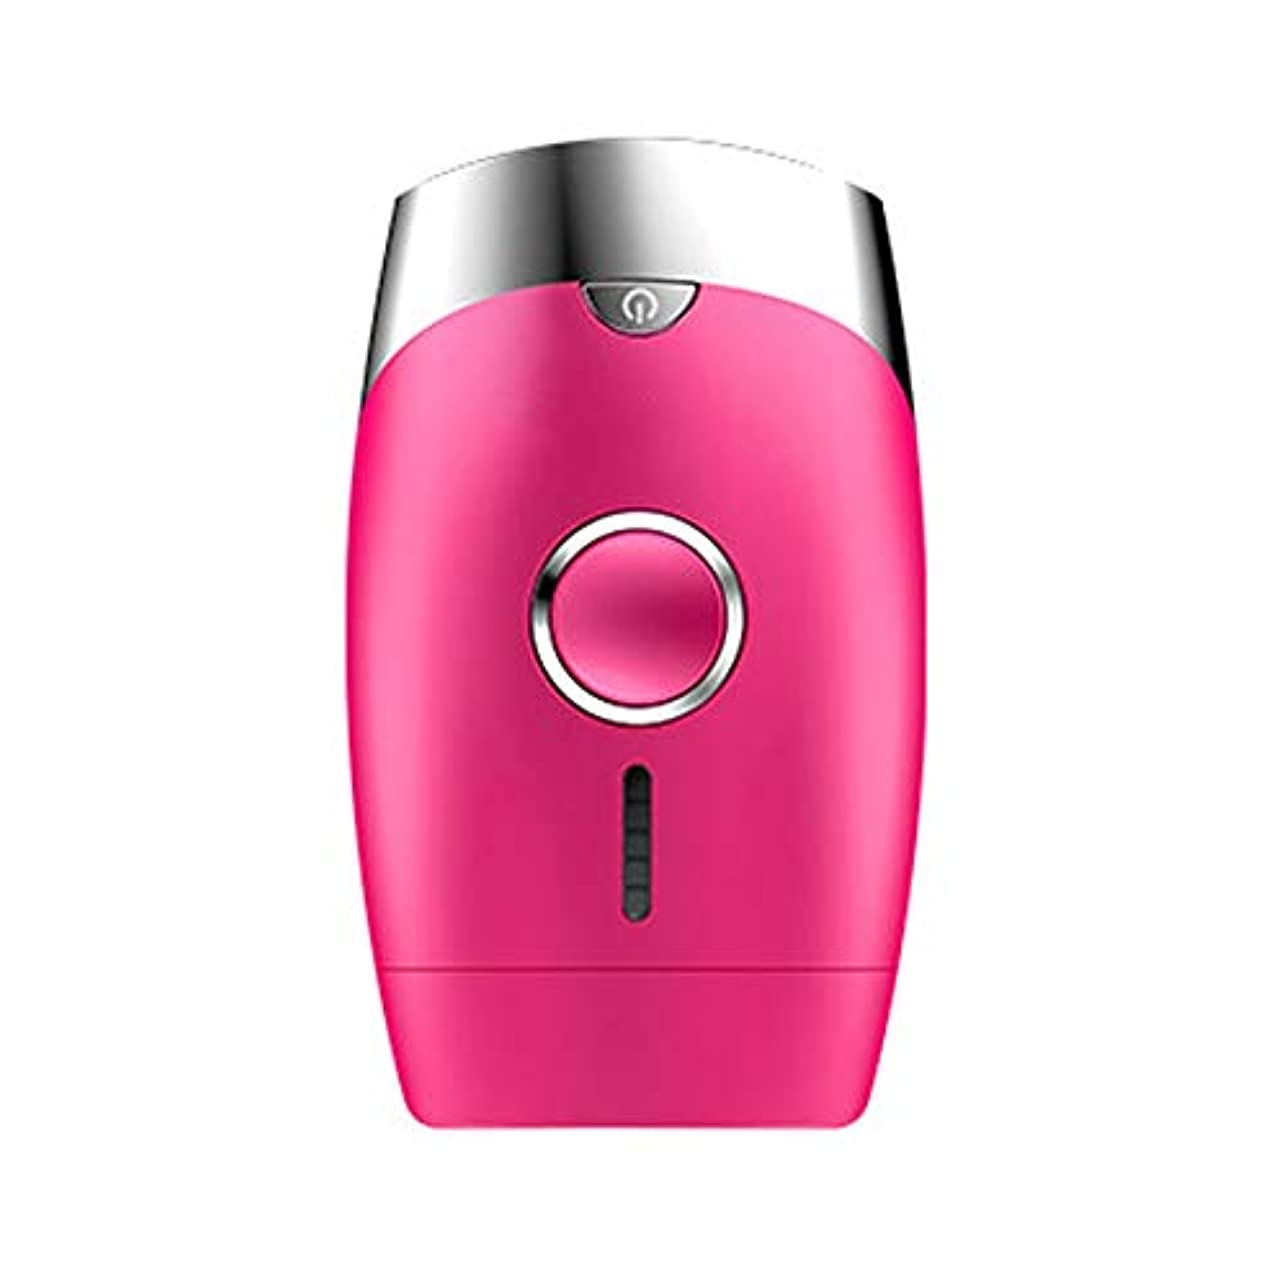 ブリーフケースレプリカ導出Xihouxian ピンク、5スピード調整、インテリジェント家庭用痛みのない凝固点ヘアリムーバー、シングルフラッシュ/連続フラッシュ、サイズ13.9 X 8.3 X 4.8 Cm D40 (Color : Pink)